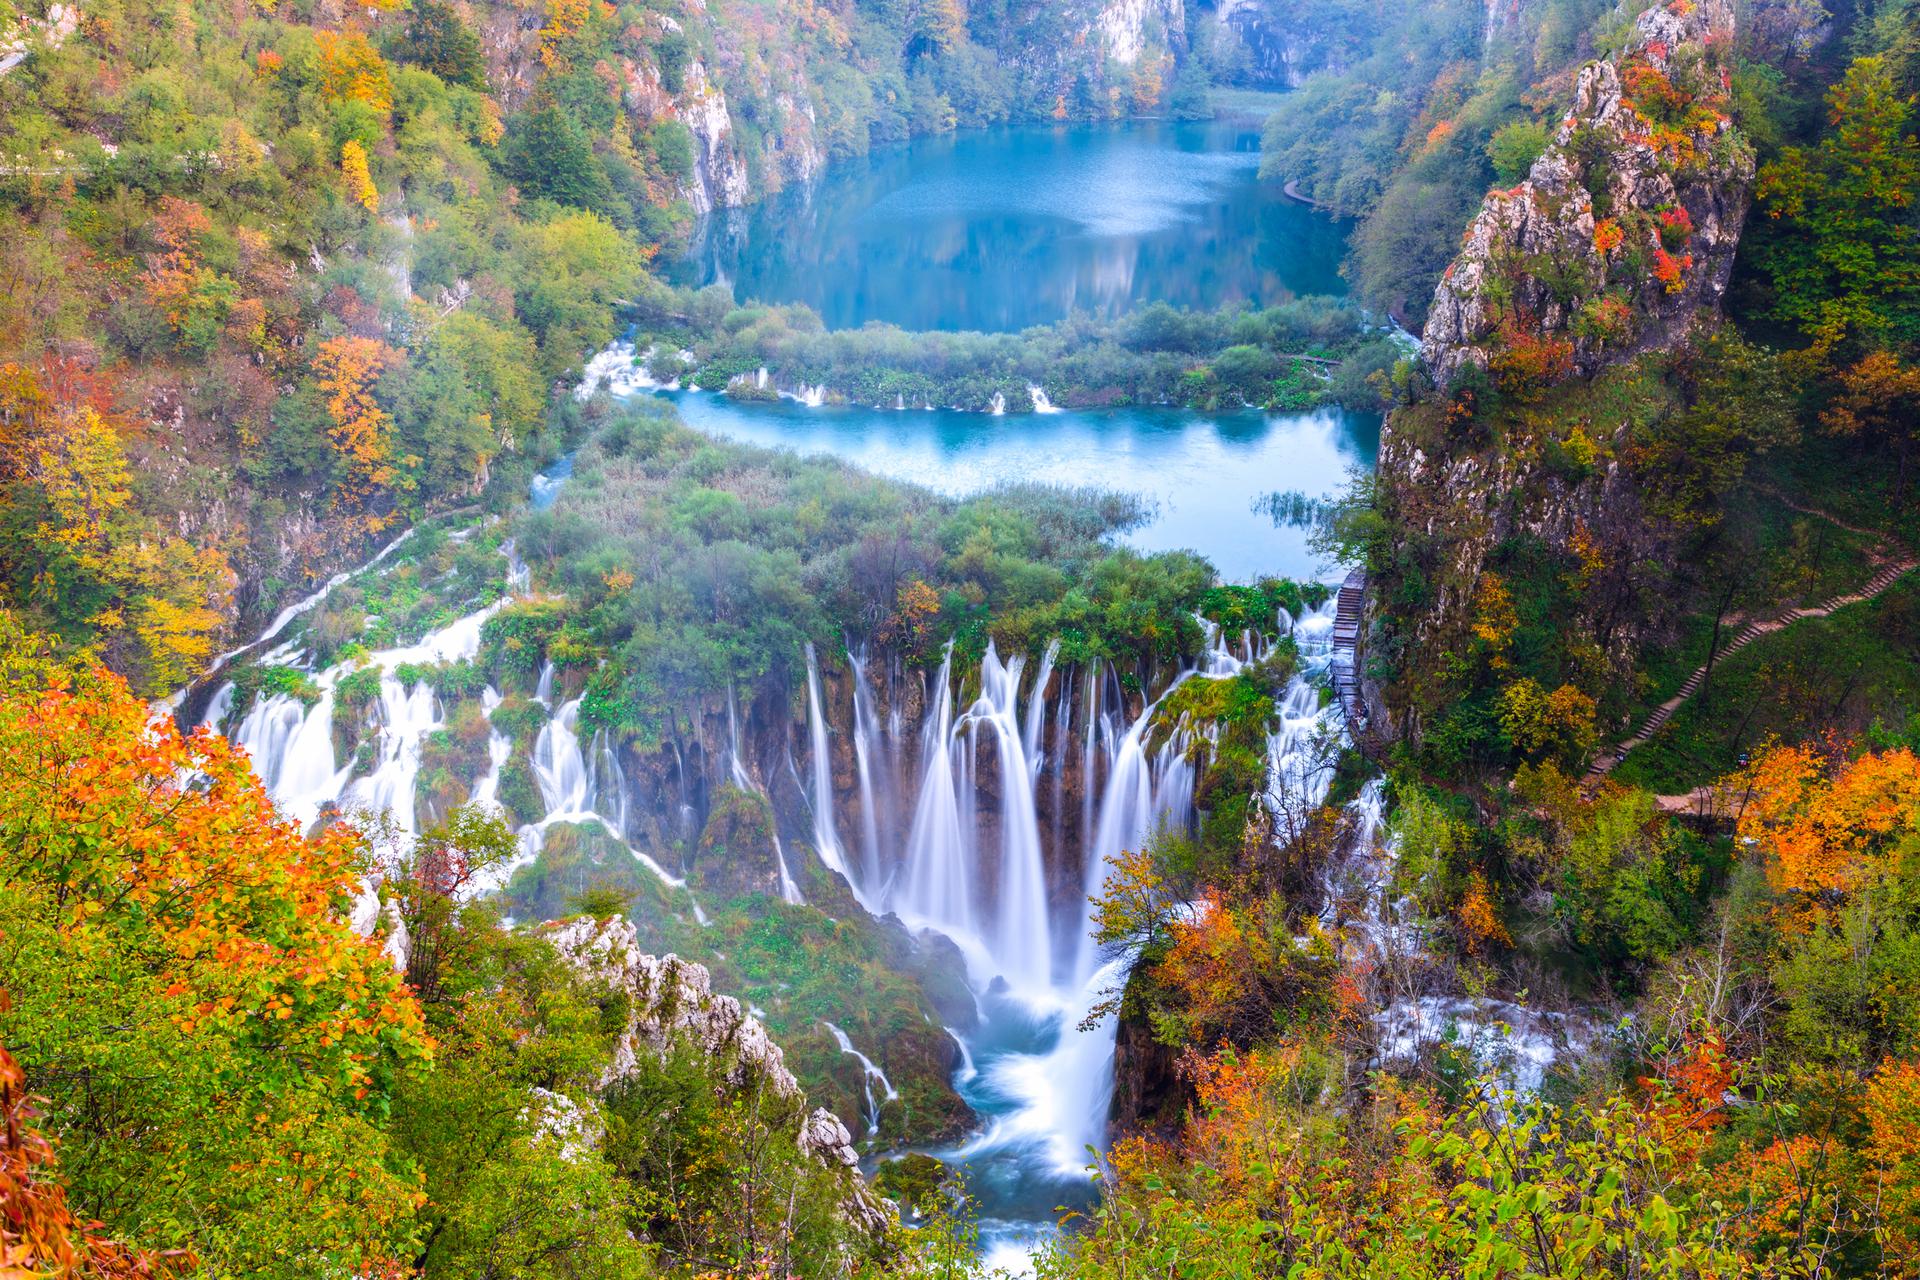 פוטו מקומות שחייבים להיות בהם פארק לאומי פליטוויס קרואטיה